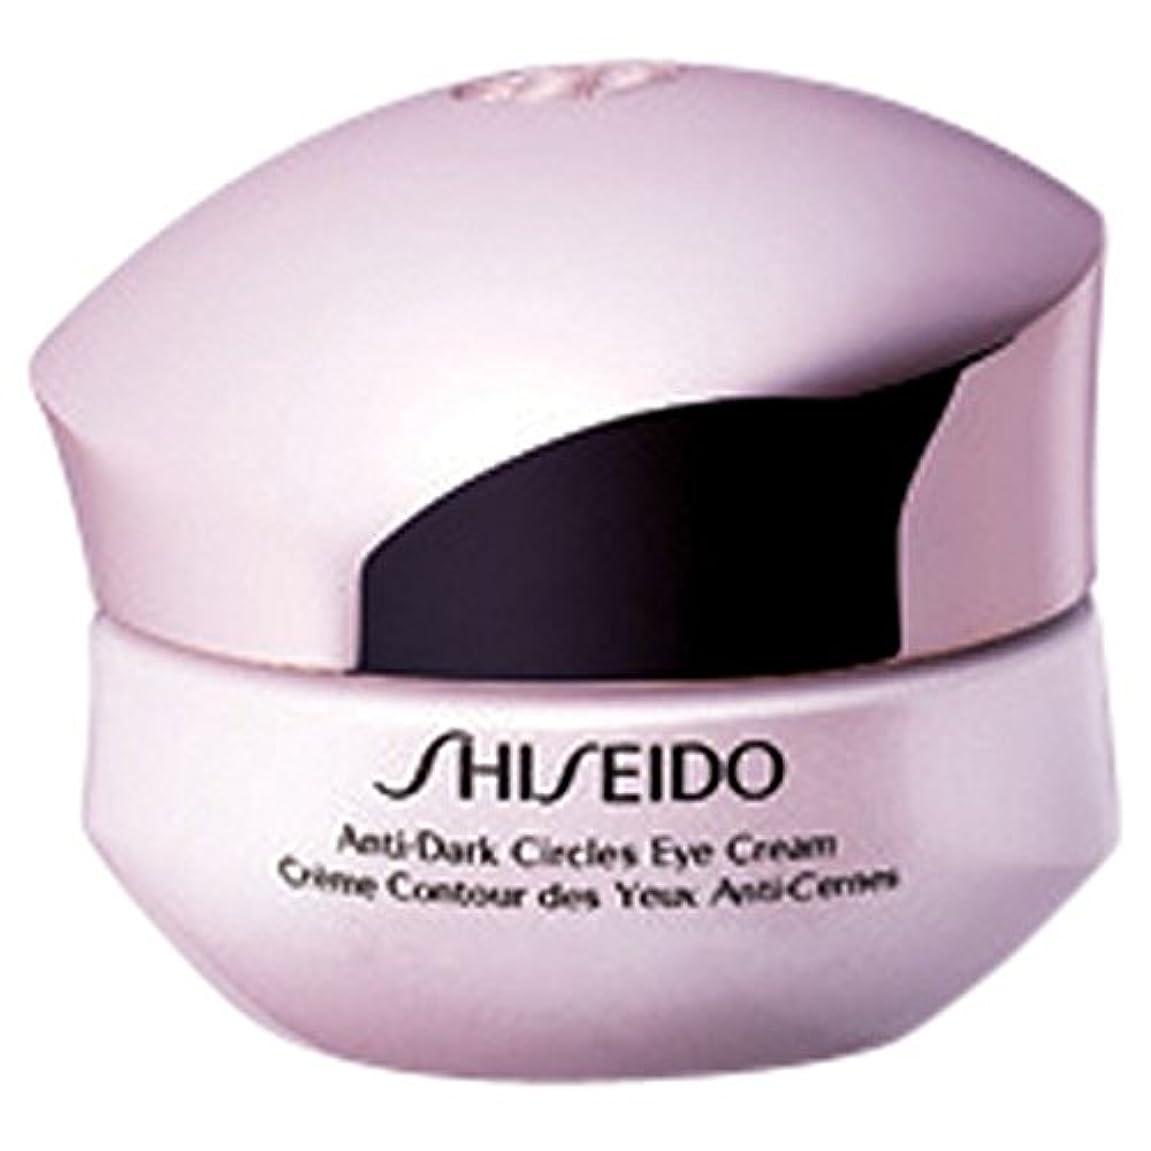 激怒明確にお勧め[Shiseido] 資生堂アンチダークサークルアイクリーム15Ml - Shiseido Anti-Dark Circle Eye Cream 15ml [並行輸入品]